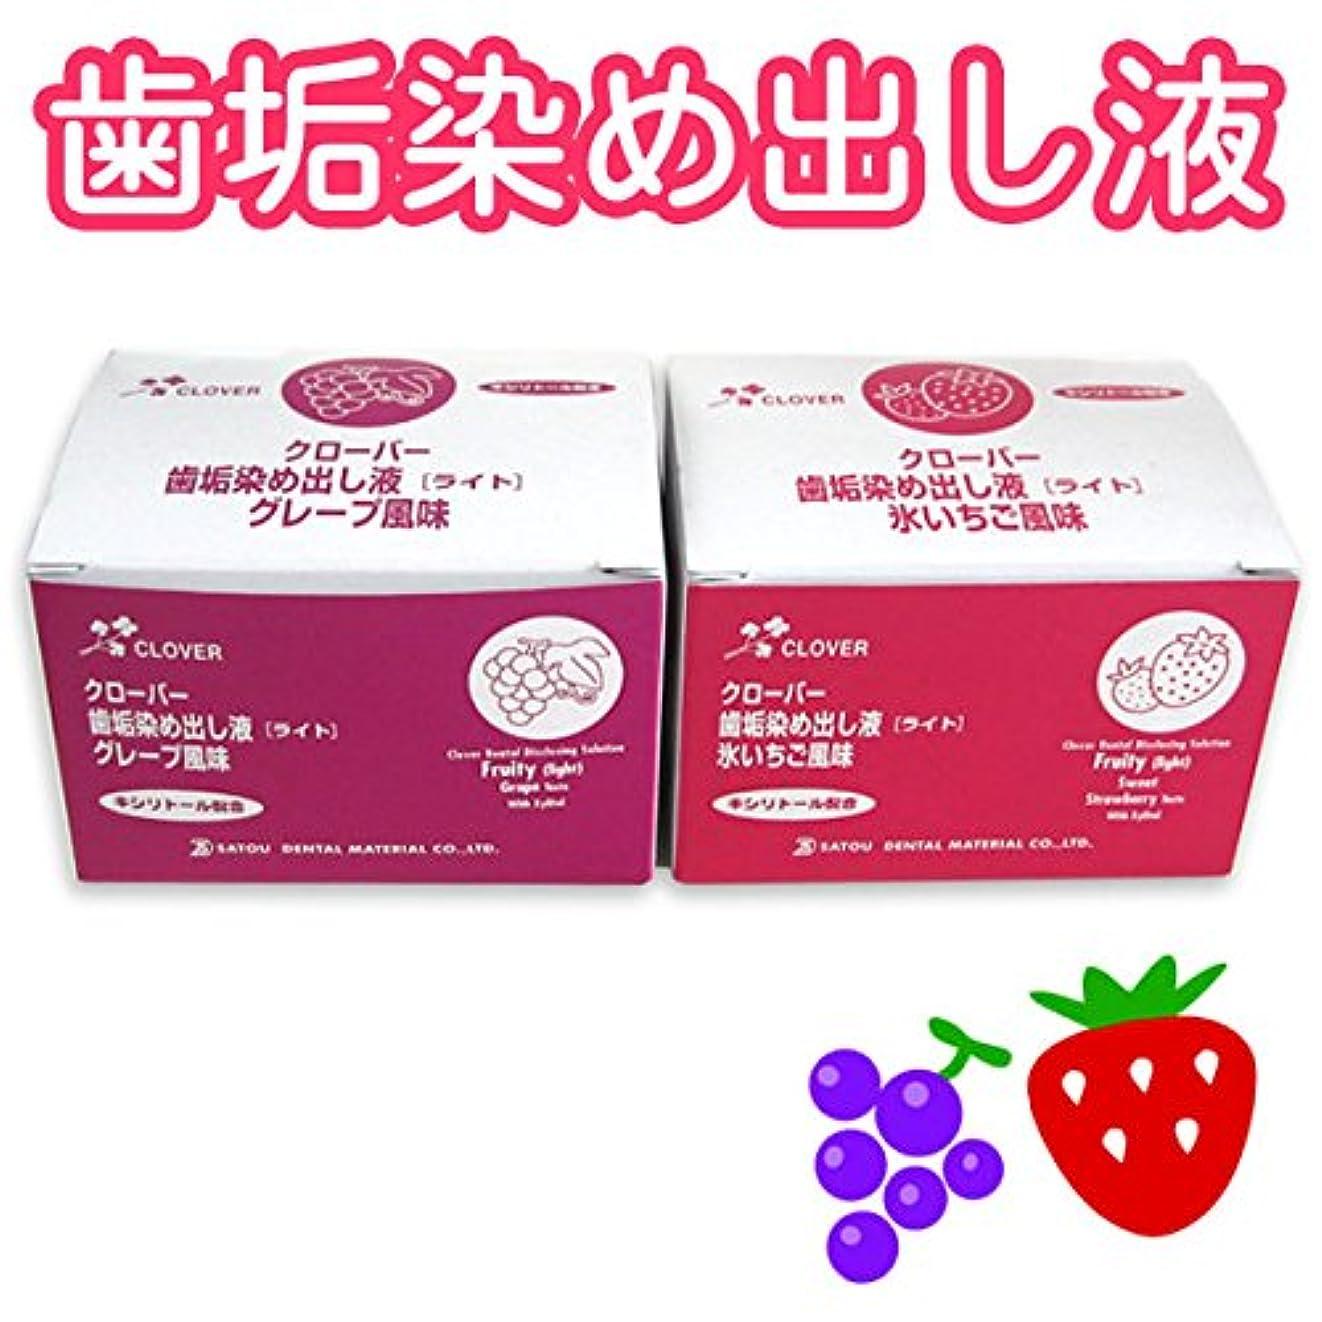 面倒チャンバー植生12個入 クローバー 歯垢染め出し液ライト フルーツの香り 5ml (氷いちご)